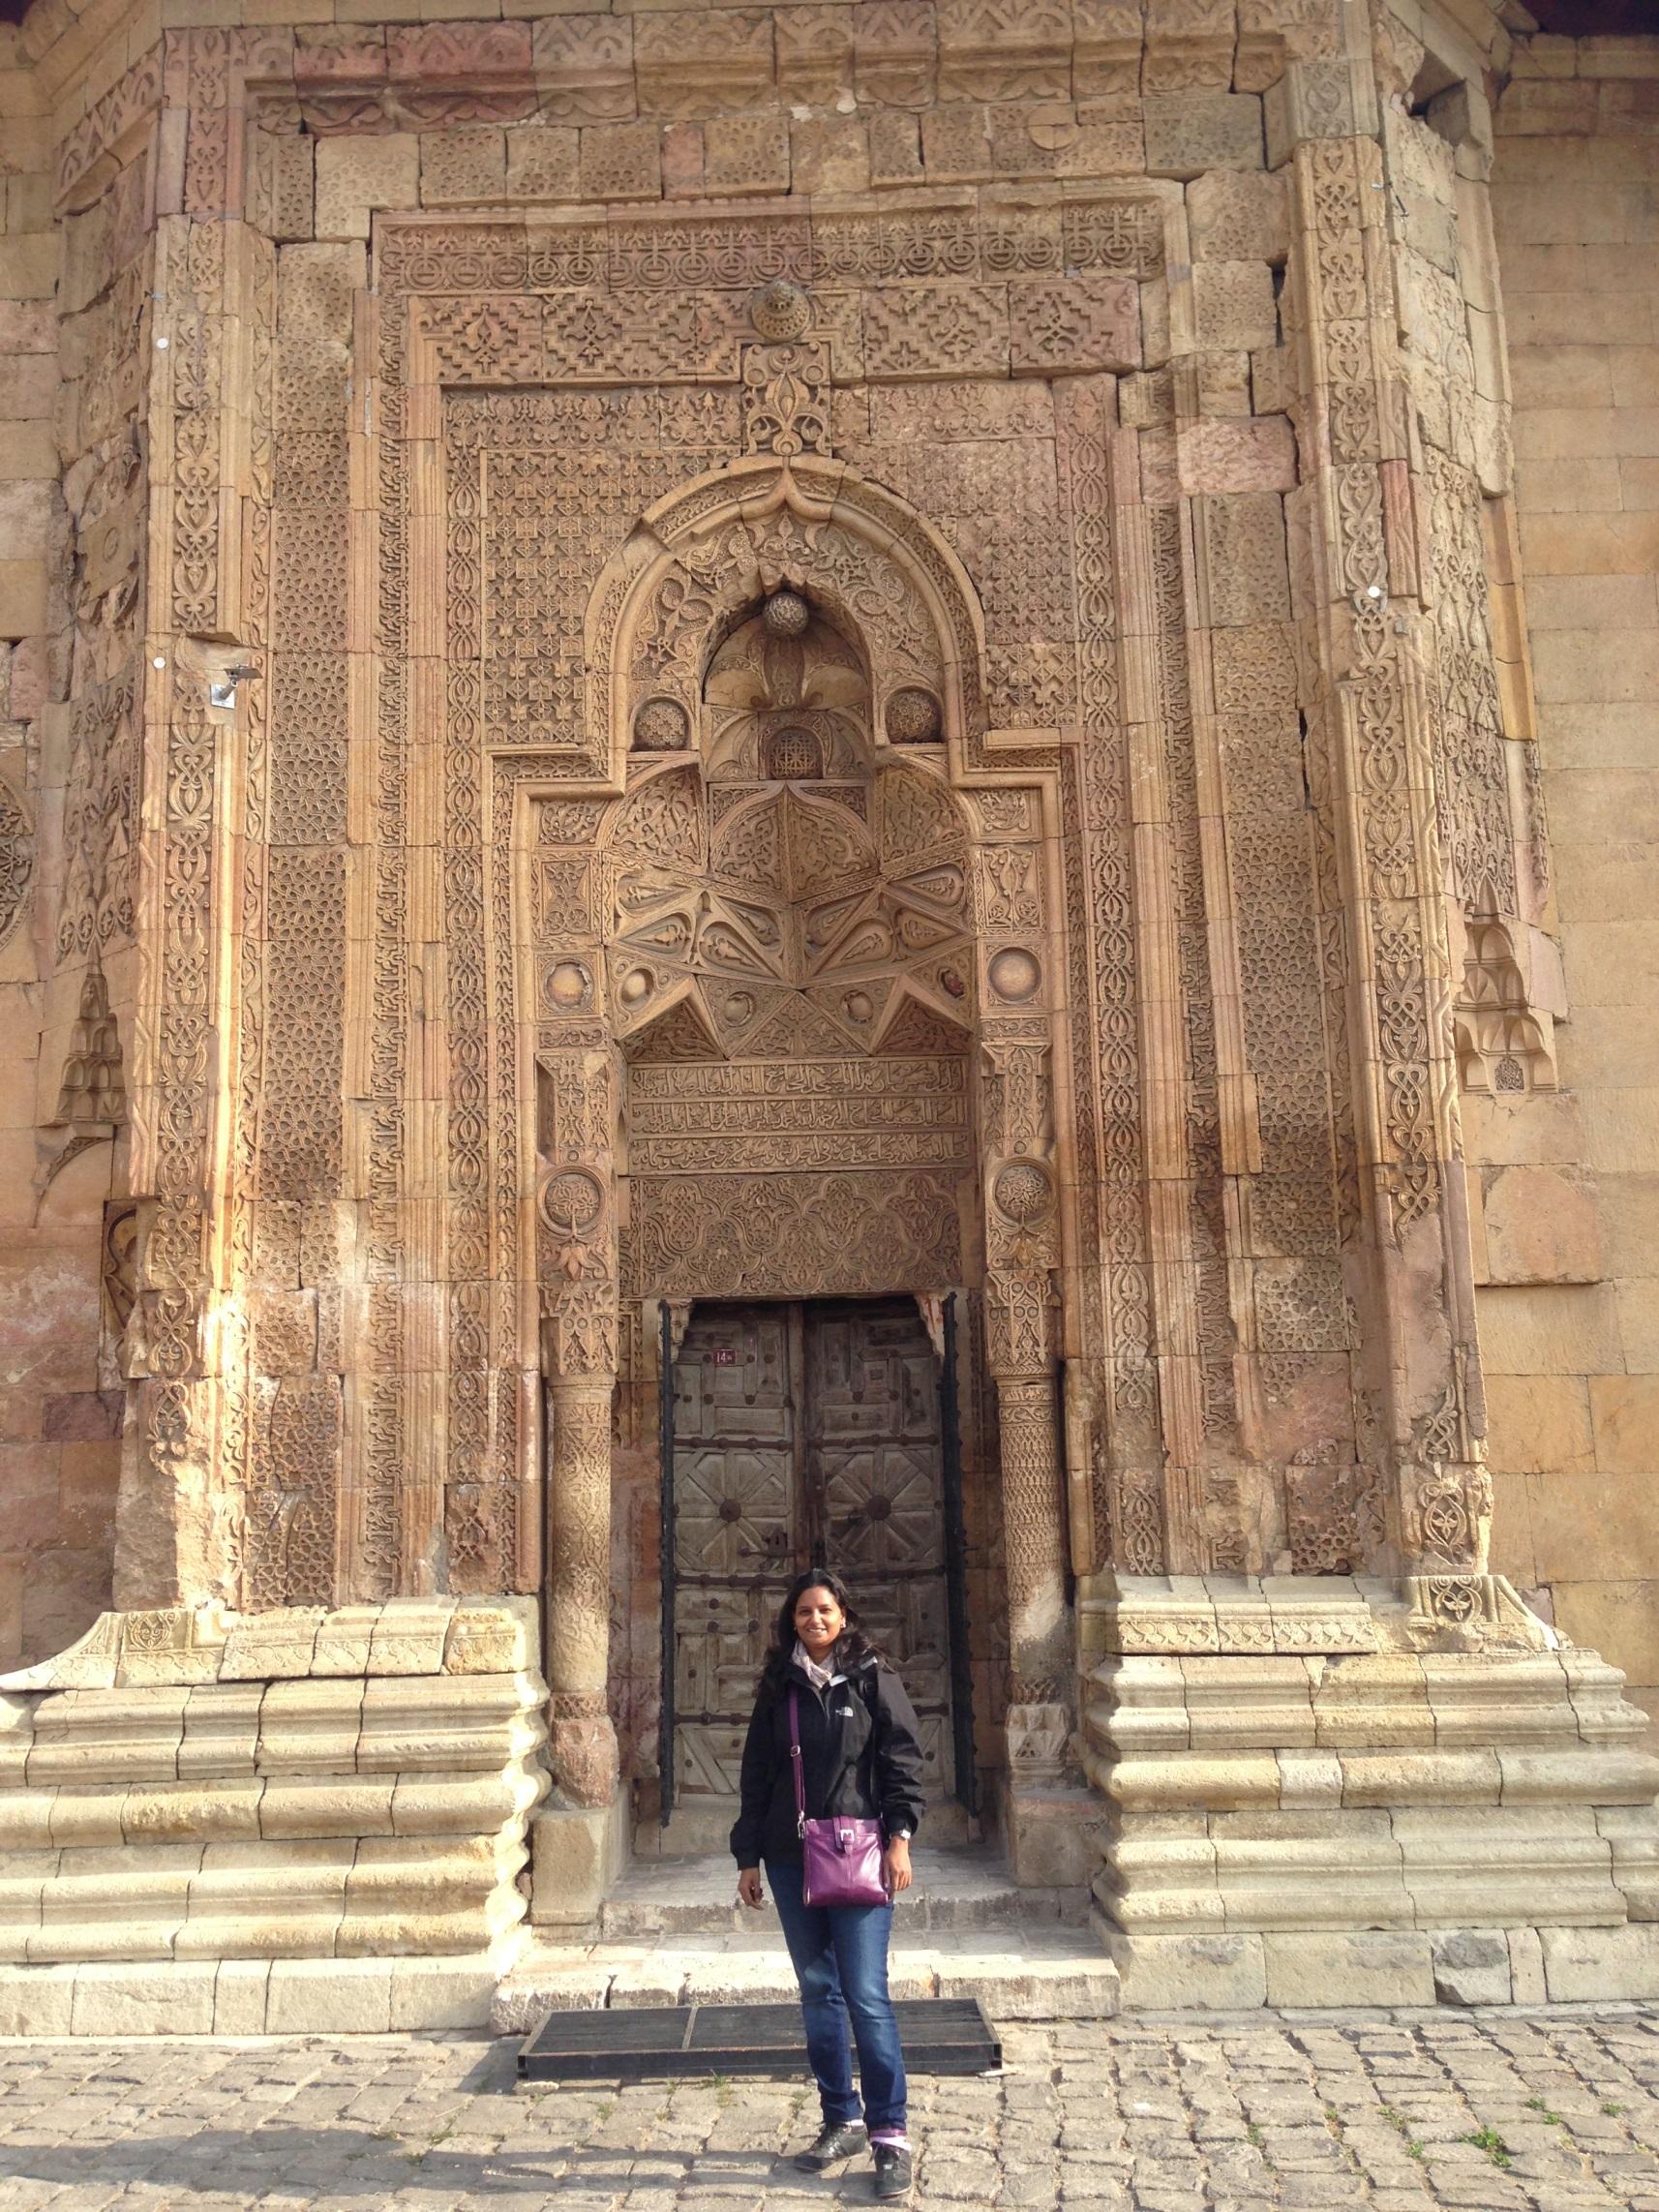 Great Mosque and Hospital of Divrigi